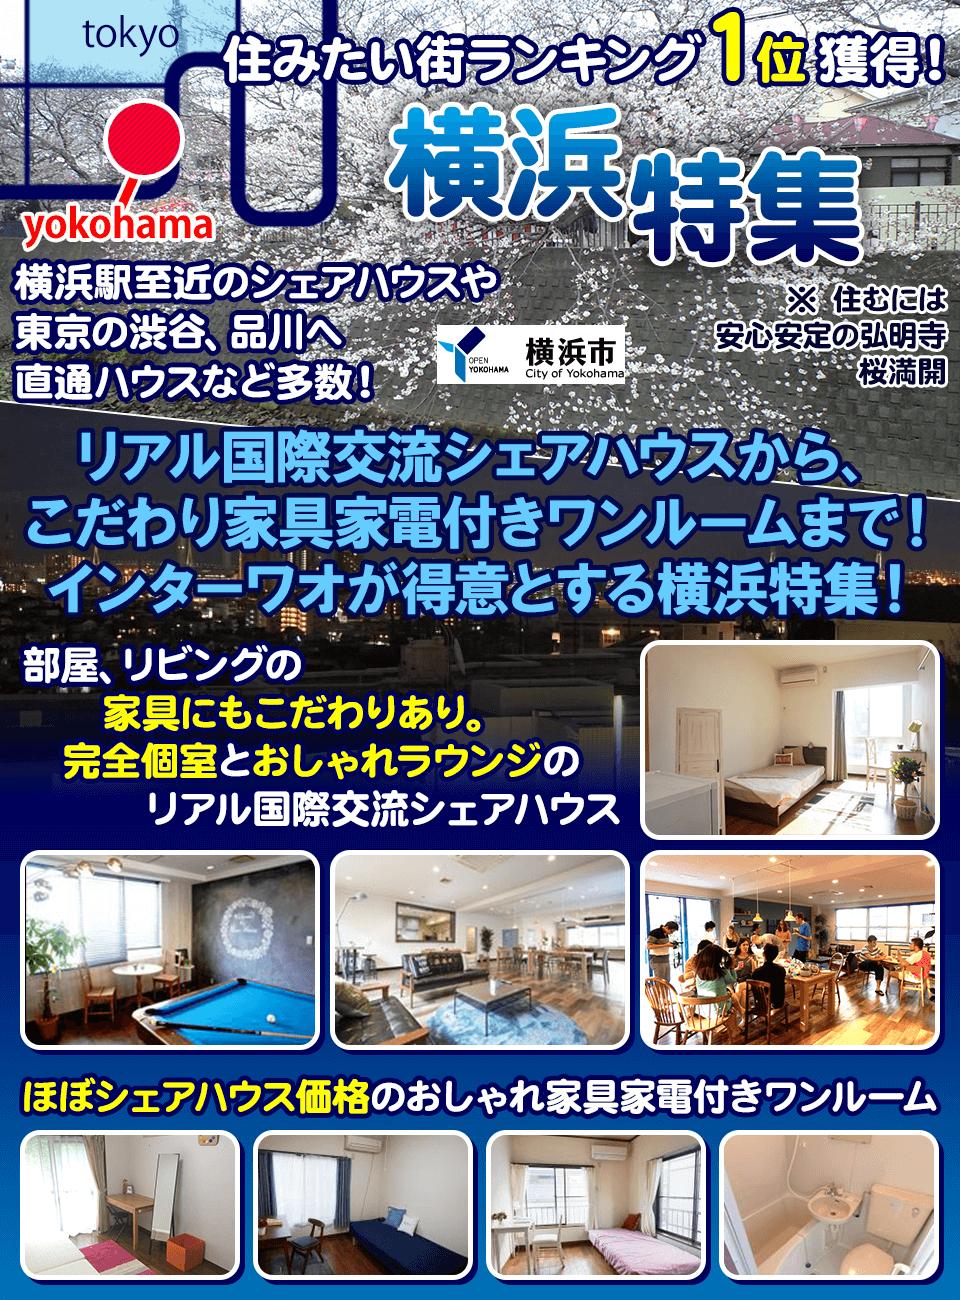 今一番人気の横浜シェアハウス!住みたい街ランキング1位!